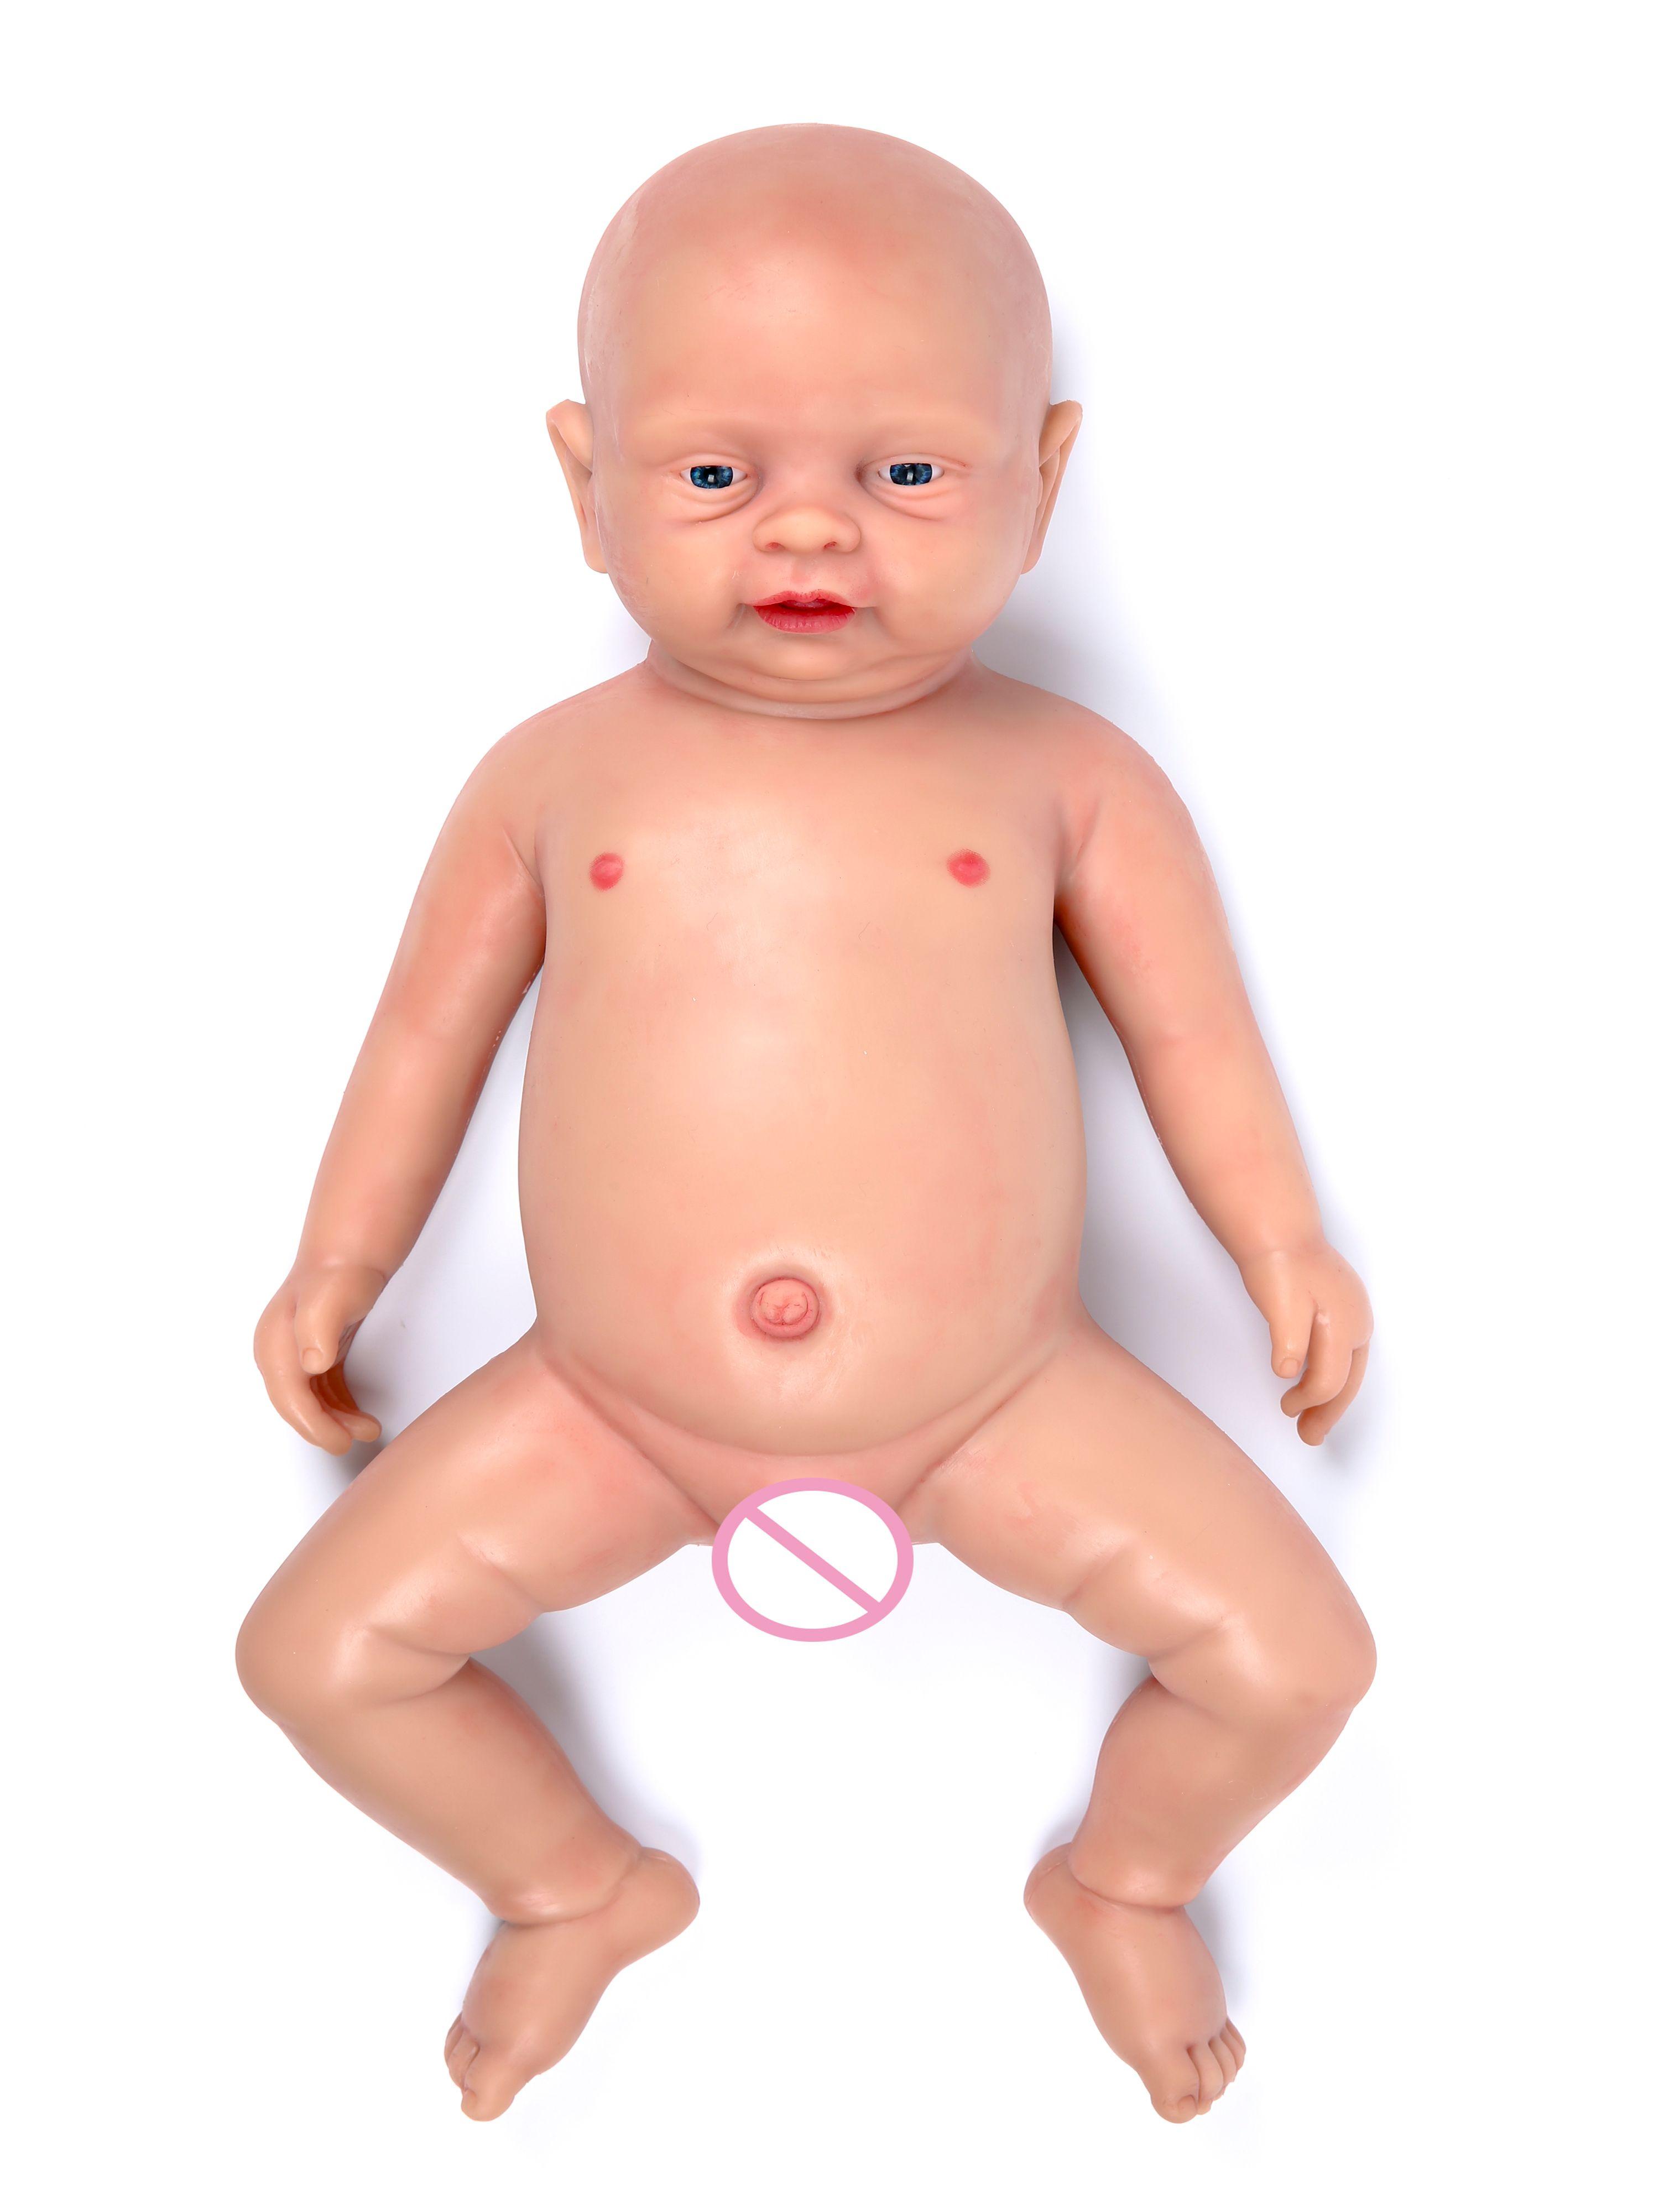 IVITA WB1502 18 Zoll 3800g Haut farbe Realistische Silicon Reborn Boy Puppe Lebensechte VOLLEN KÖRPER SILIKON brinquedo augen geöffnet spielzeug